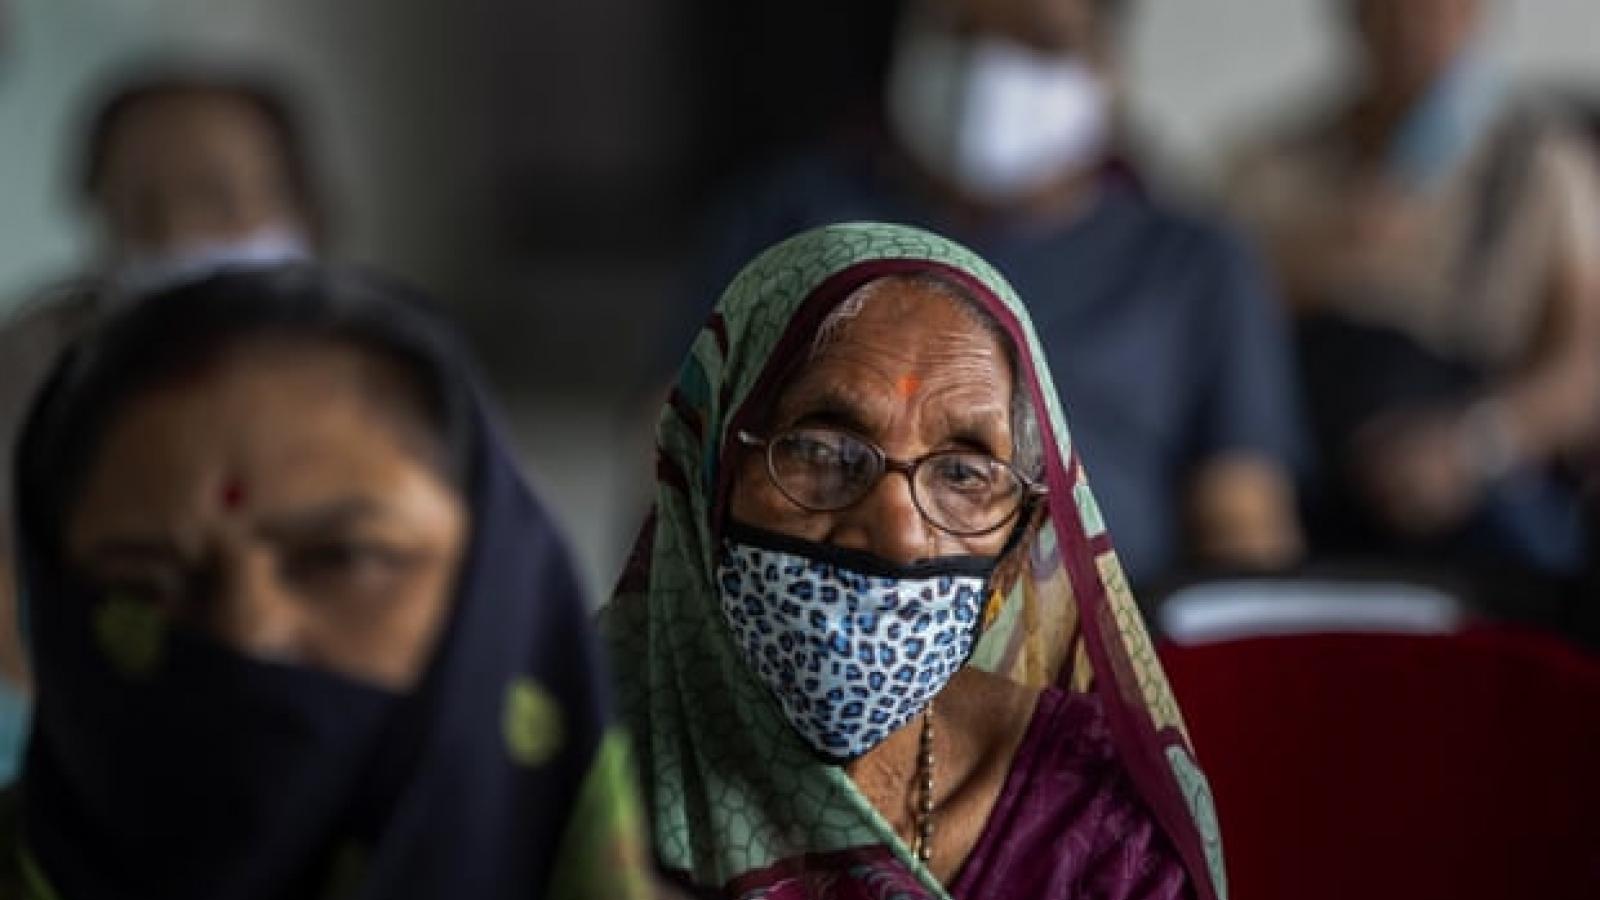 Ấn Độ chật vật vì thiếu vaccine giữa làn sóng Covid-19 thứ 2